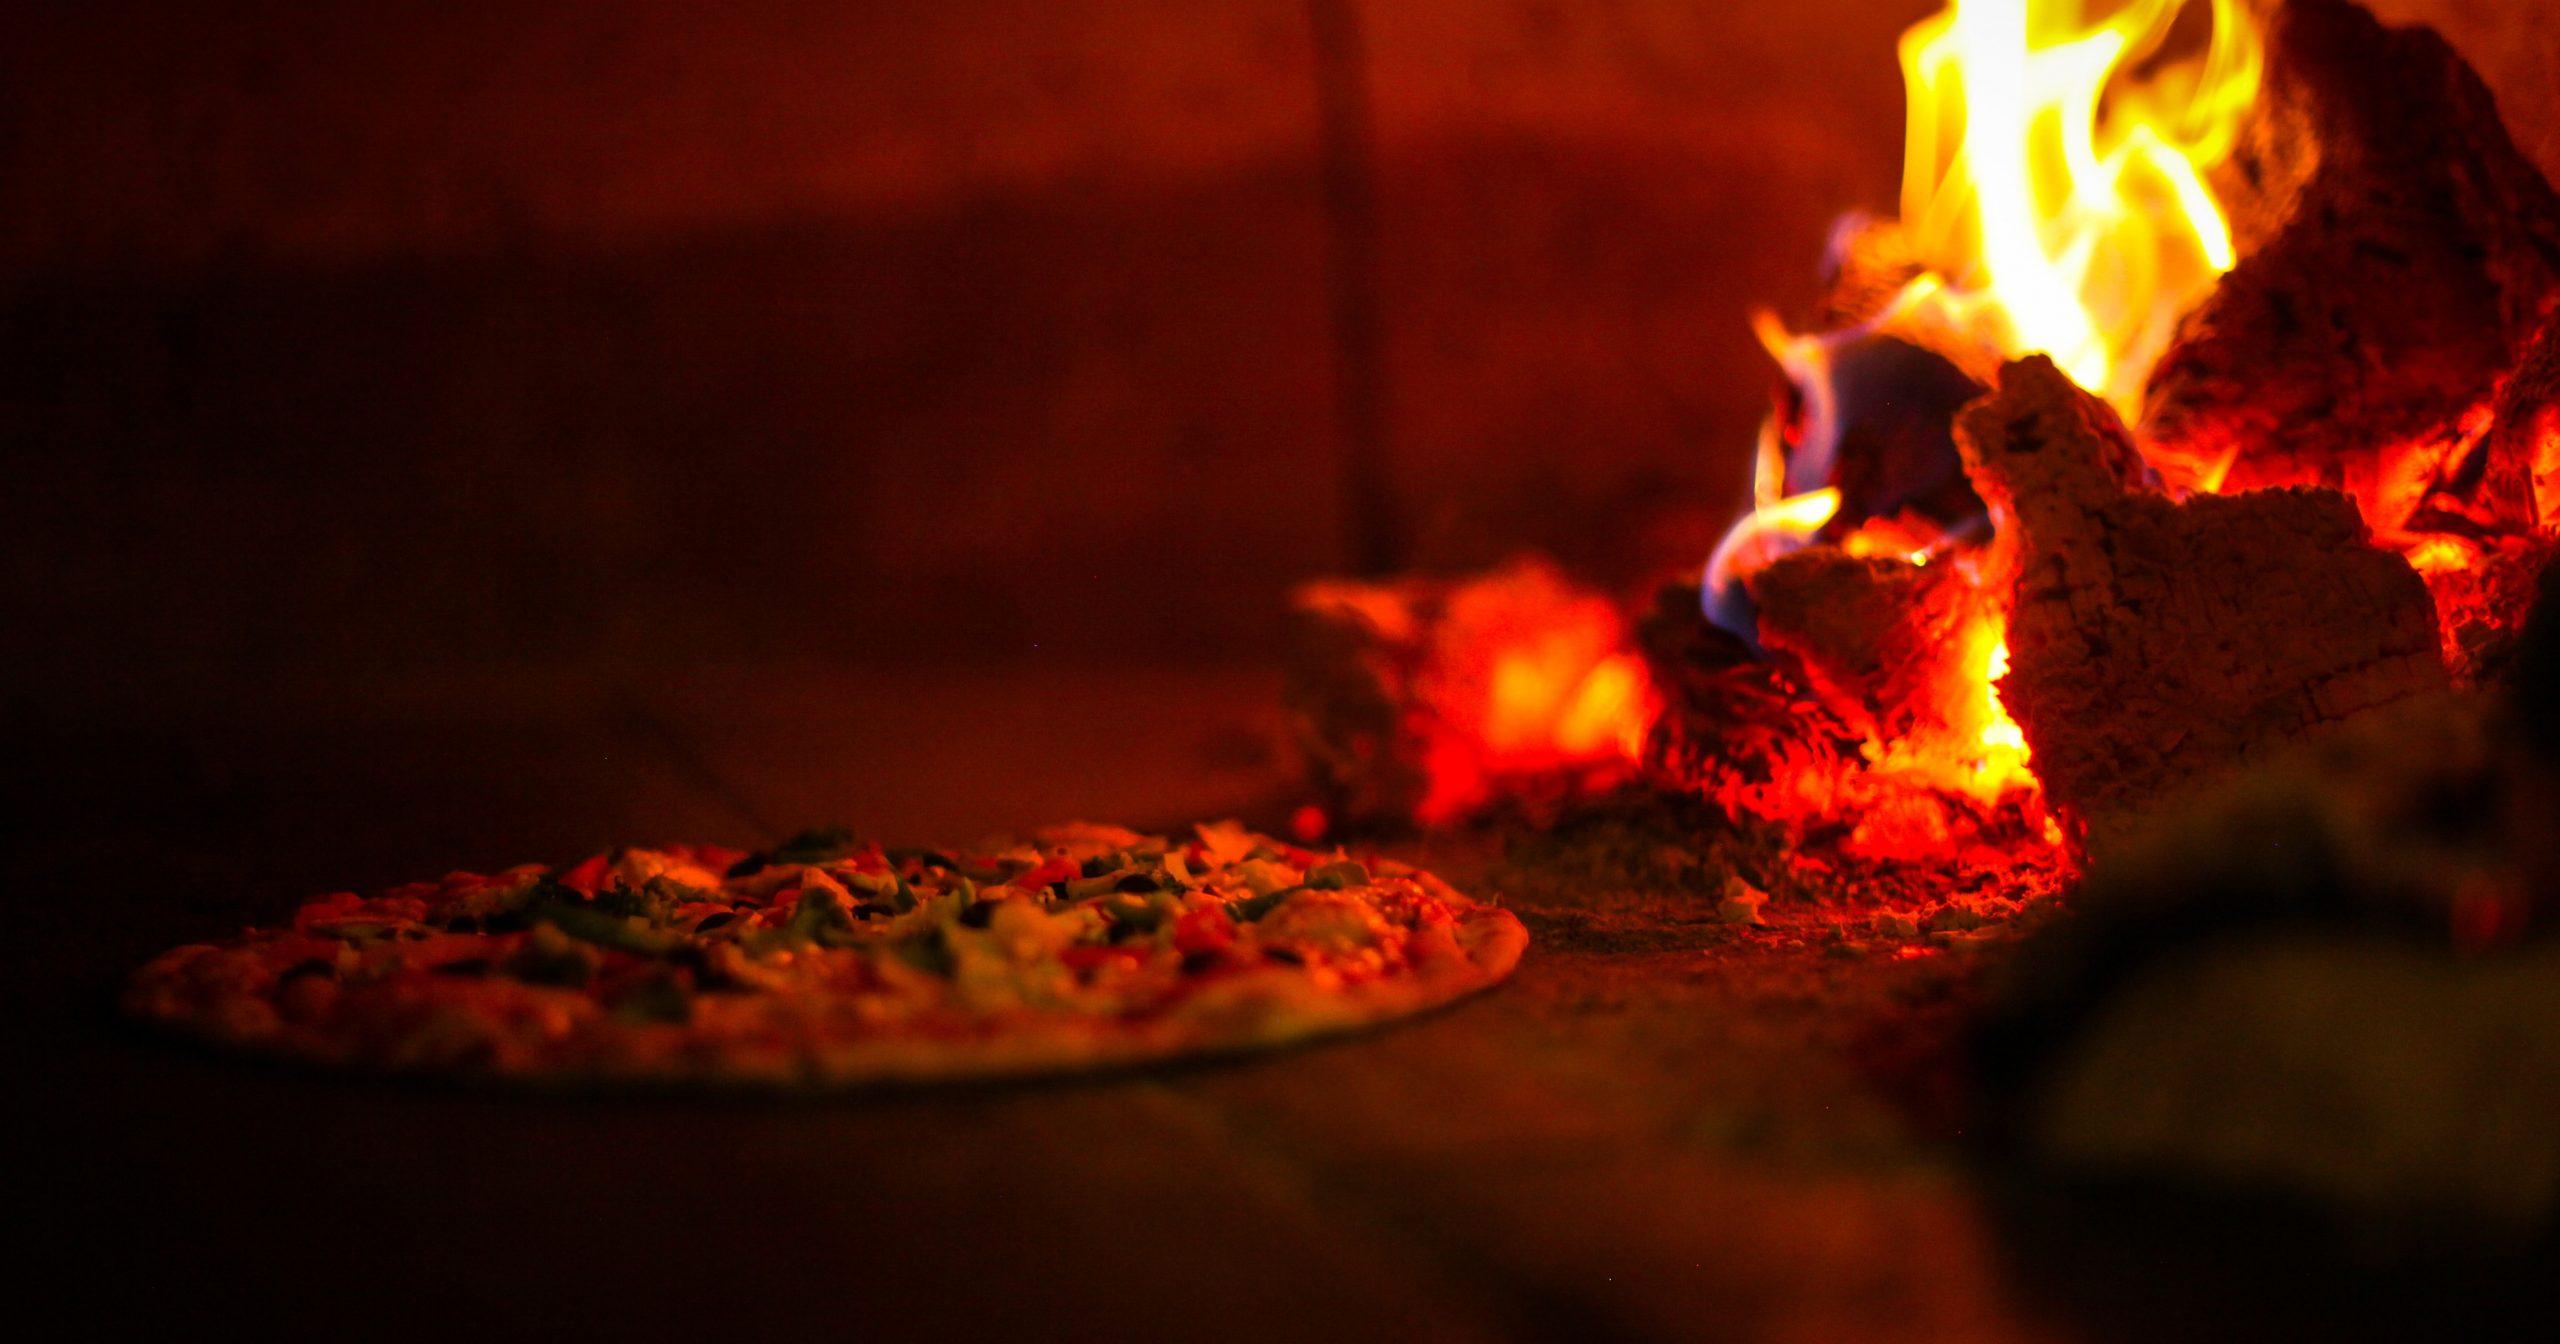 Стартап за $5 млн представил худшую в мире пиццу